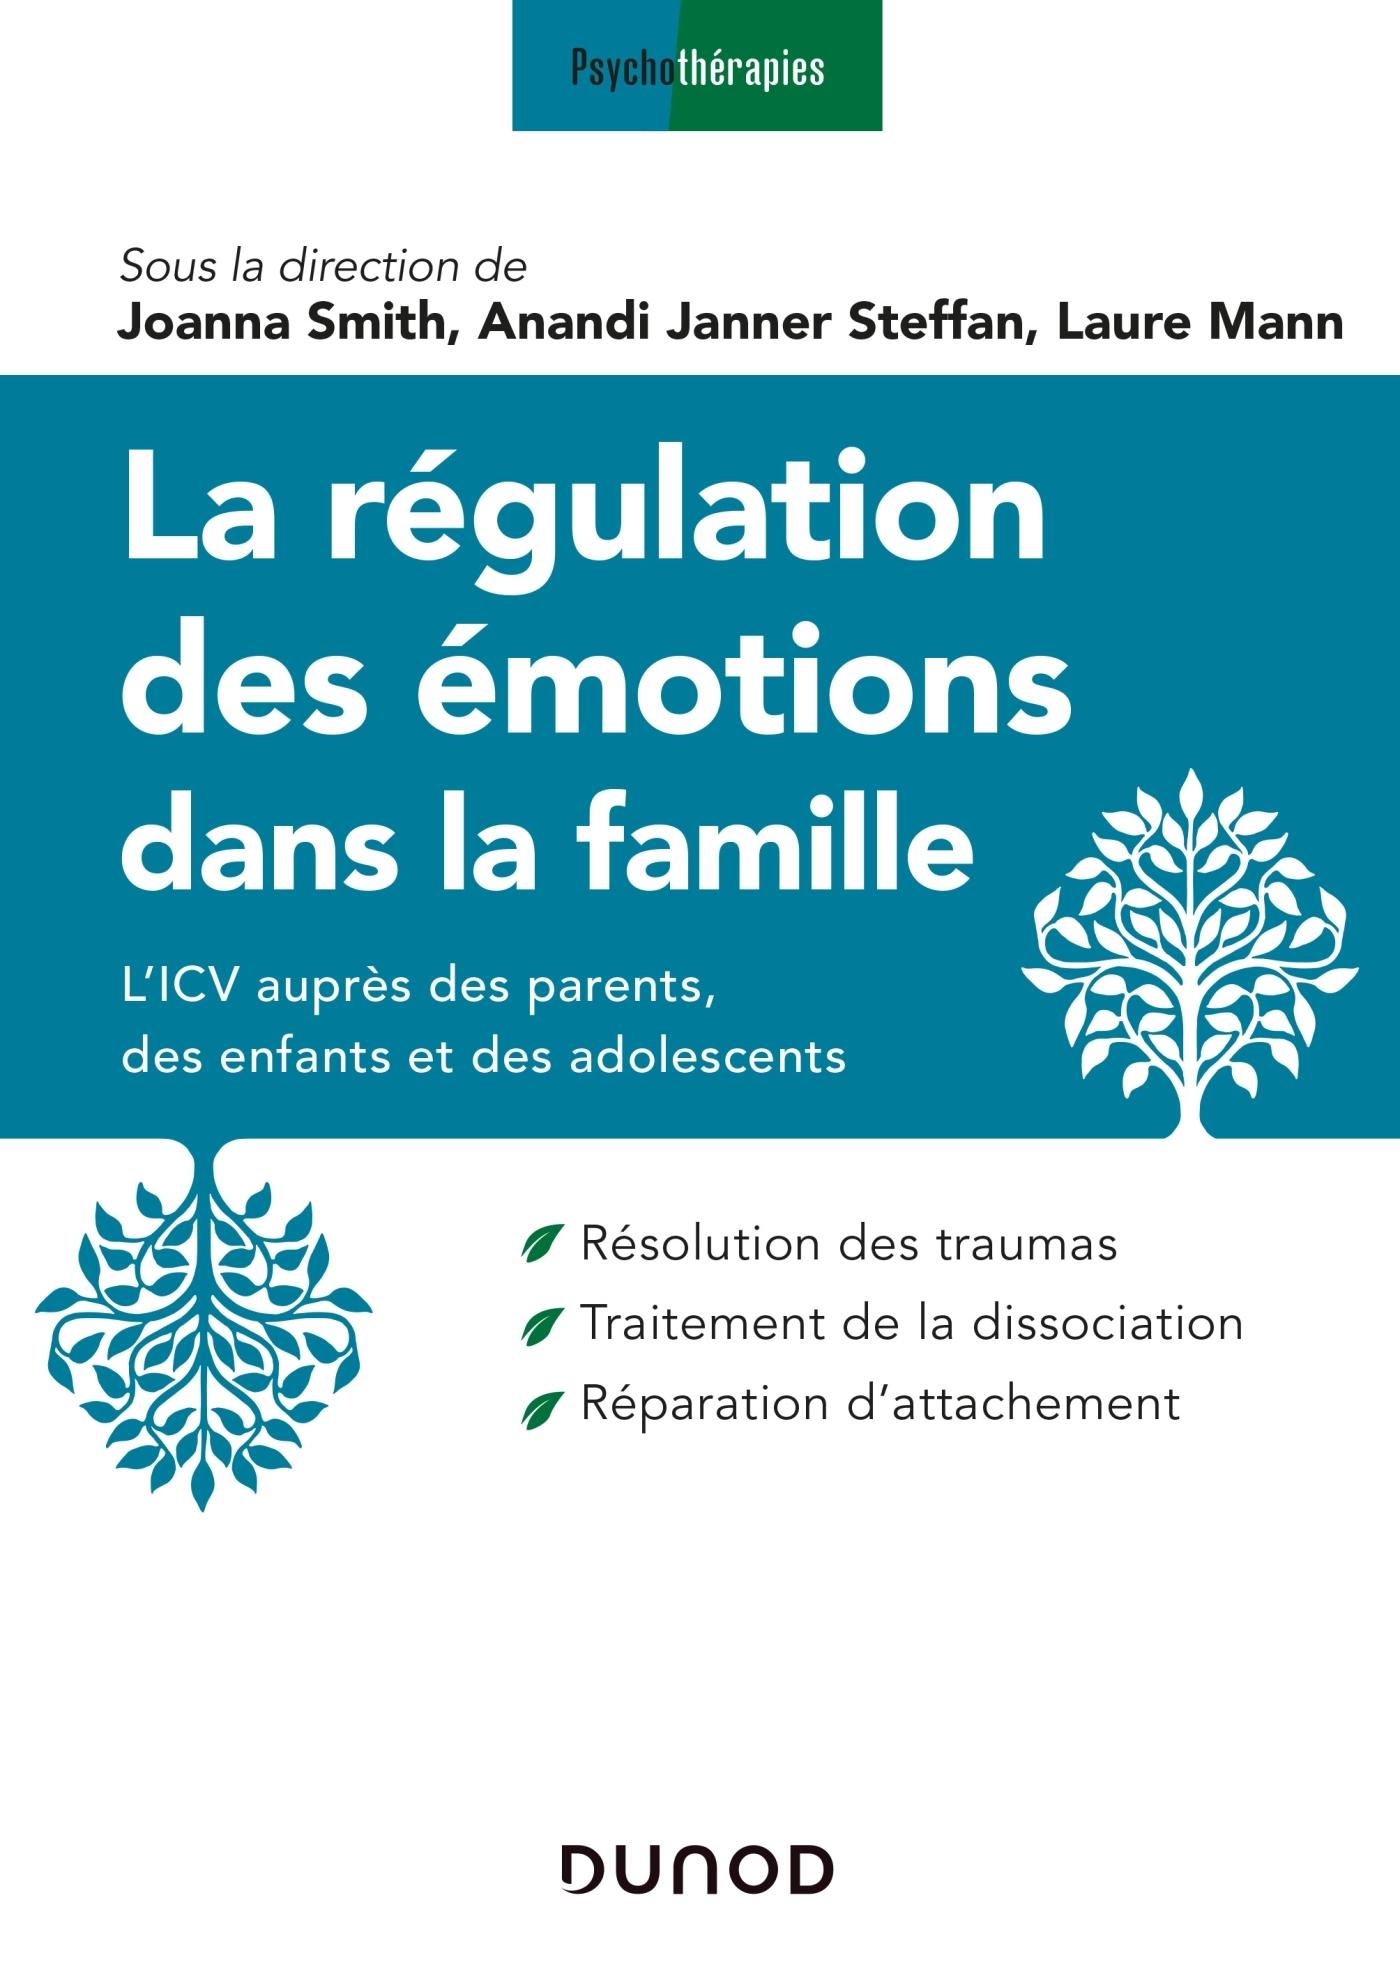 LA REGULATION DES EMOTIONS DANS LA FAMILLE - L'ICV AUPRES DES PARENTS, DES ENFANTS ET DES ADOLESCENT